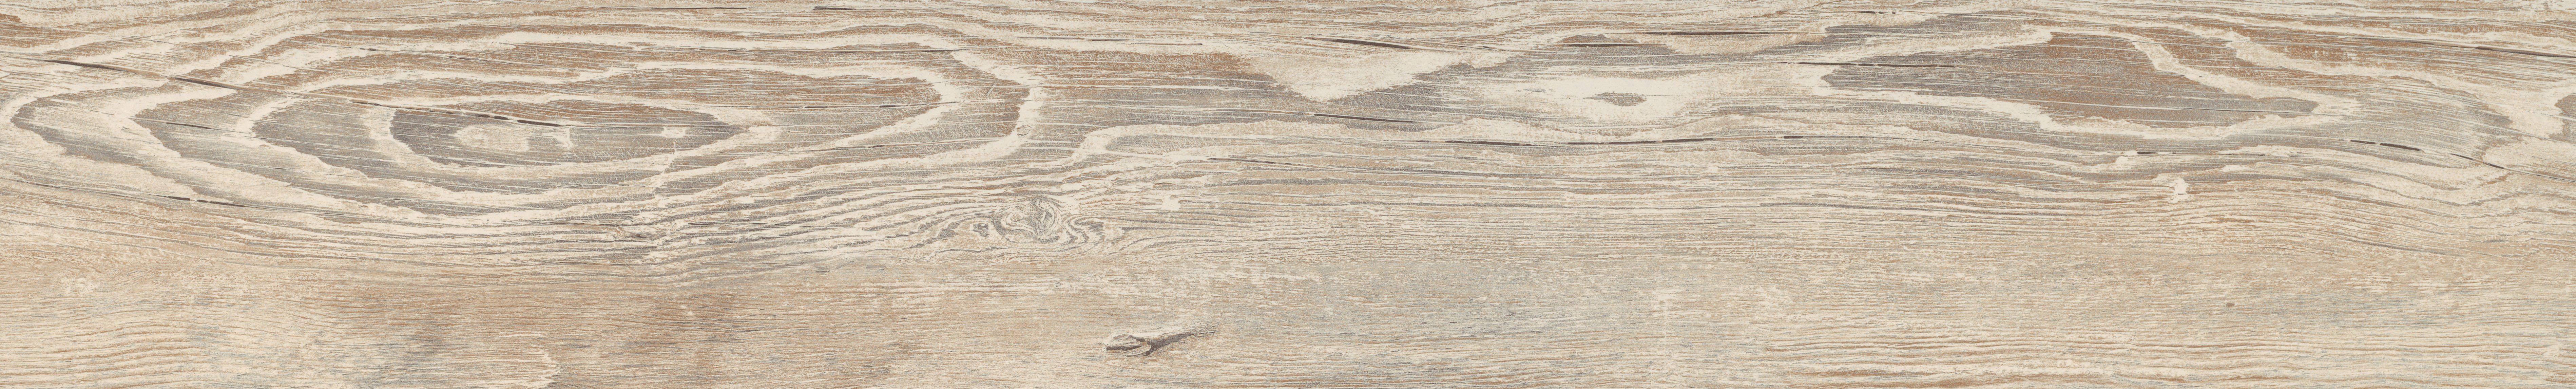 Comprar tarimas de pino altholz online tarimas del mundo - Tarimas del mundo madrid ...